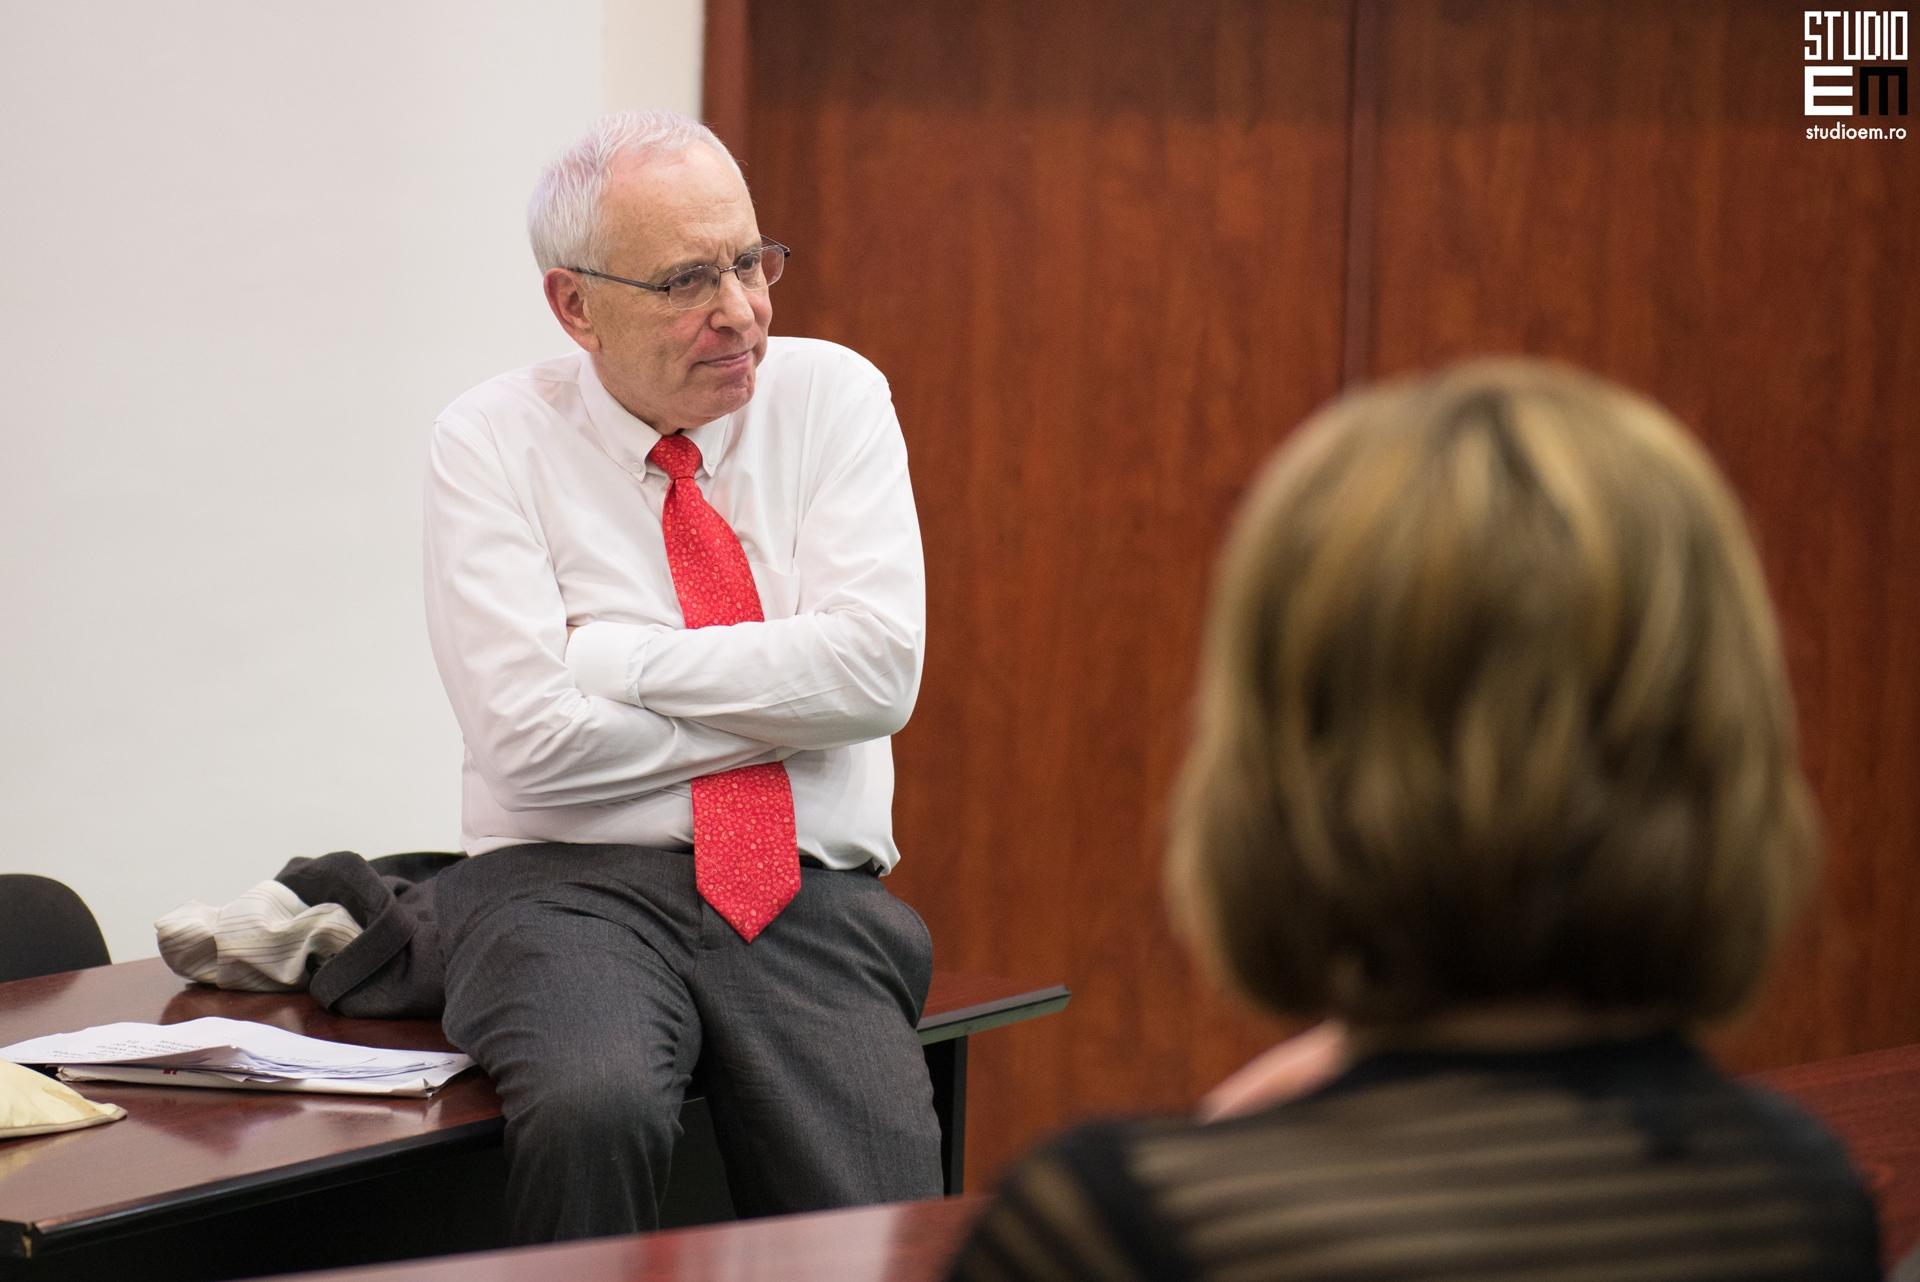 Fotografie conferință Gene Epstein